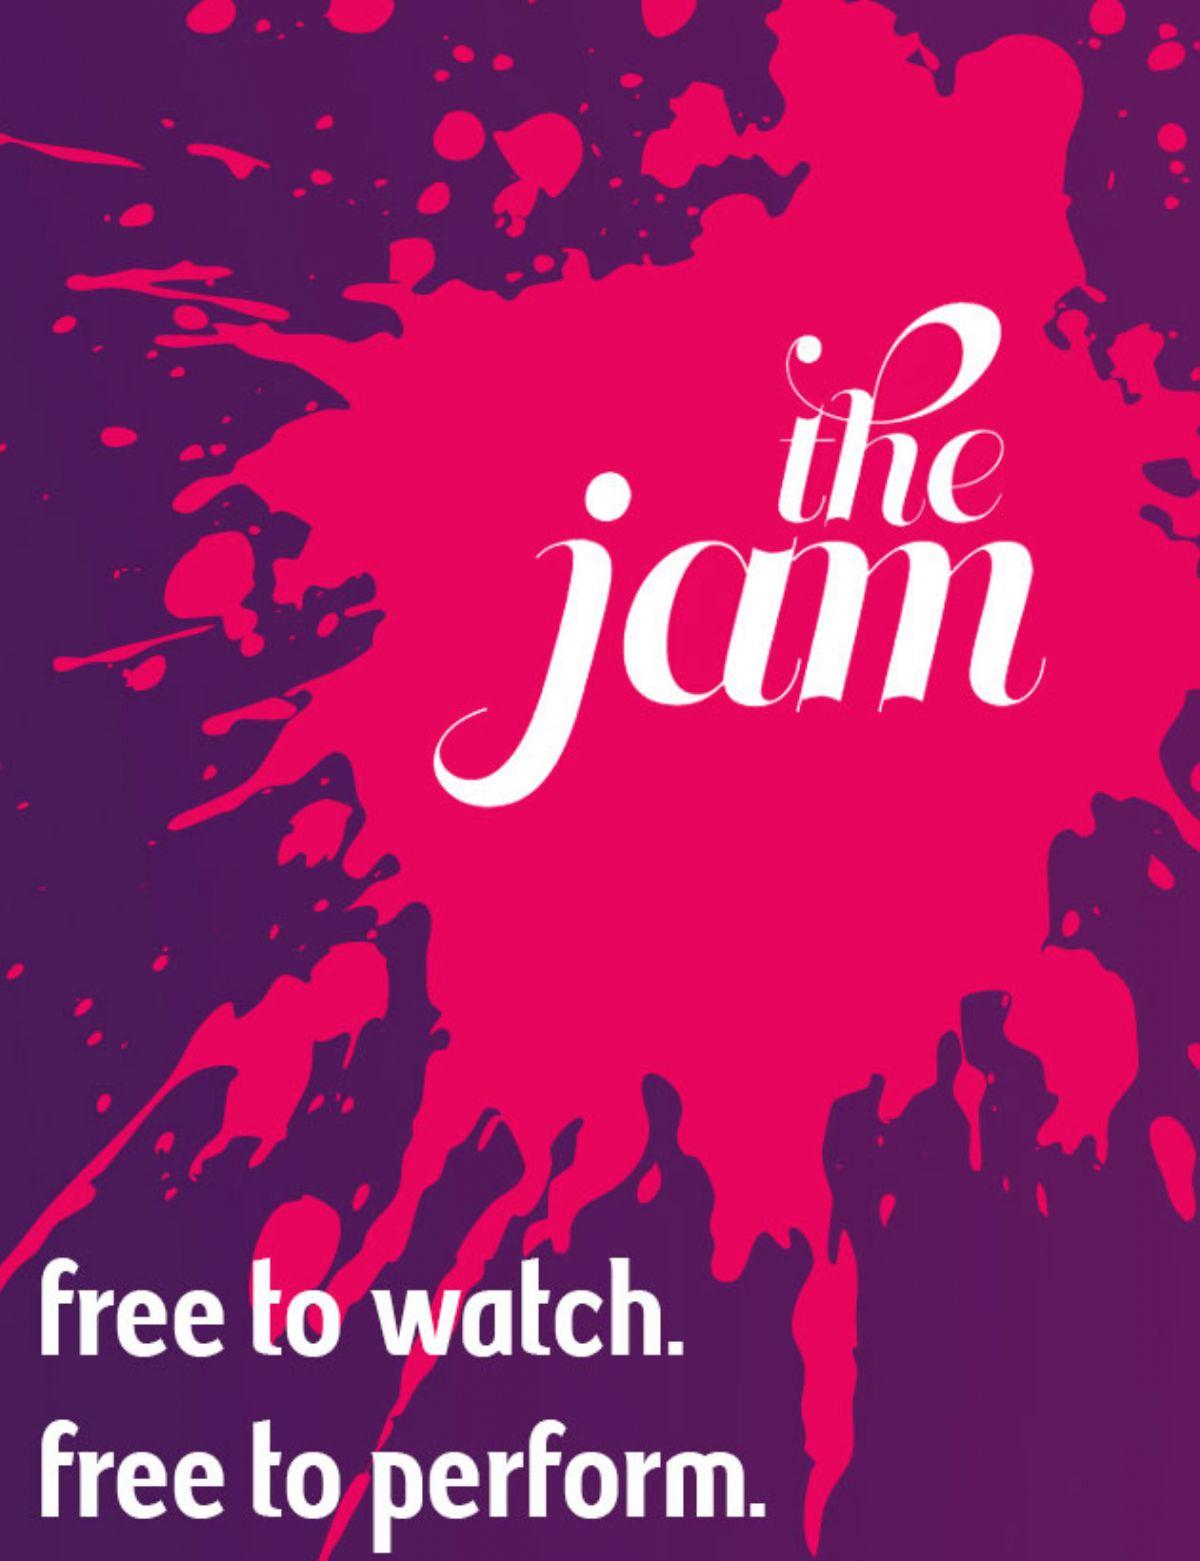 The [Improv] Jam